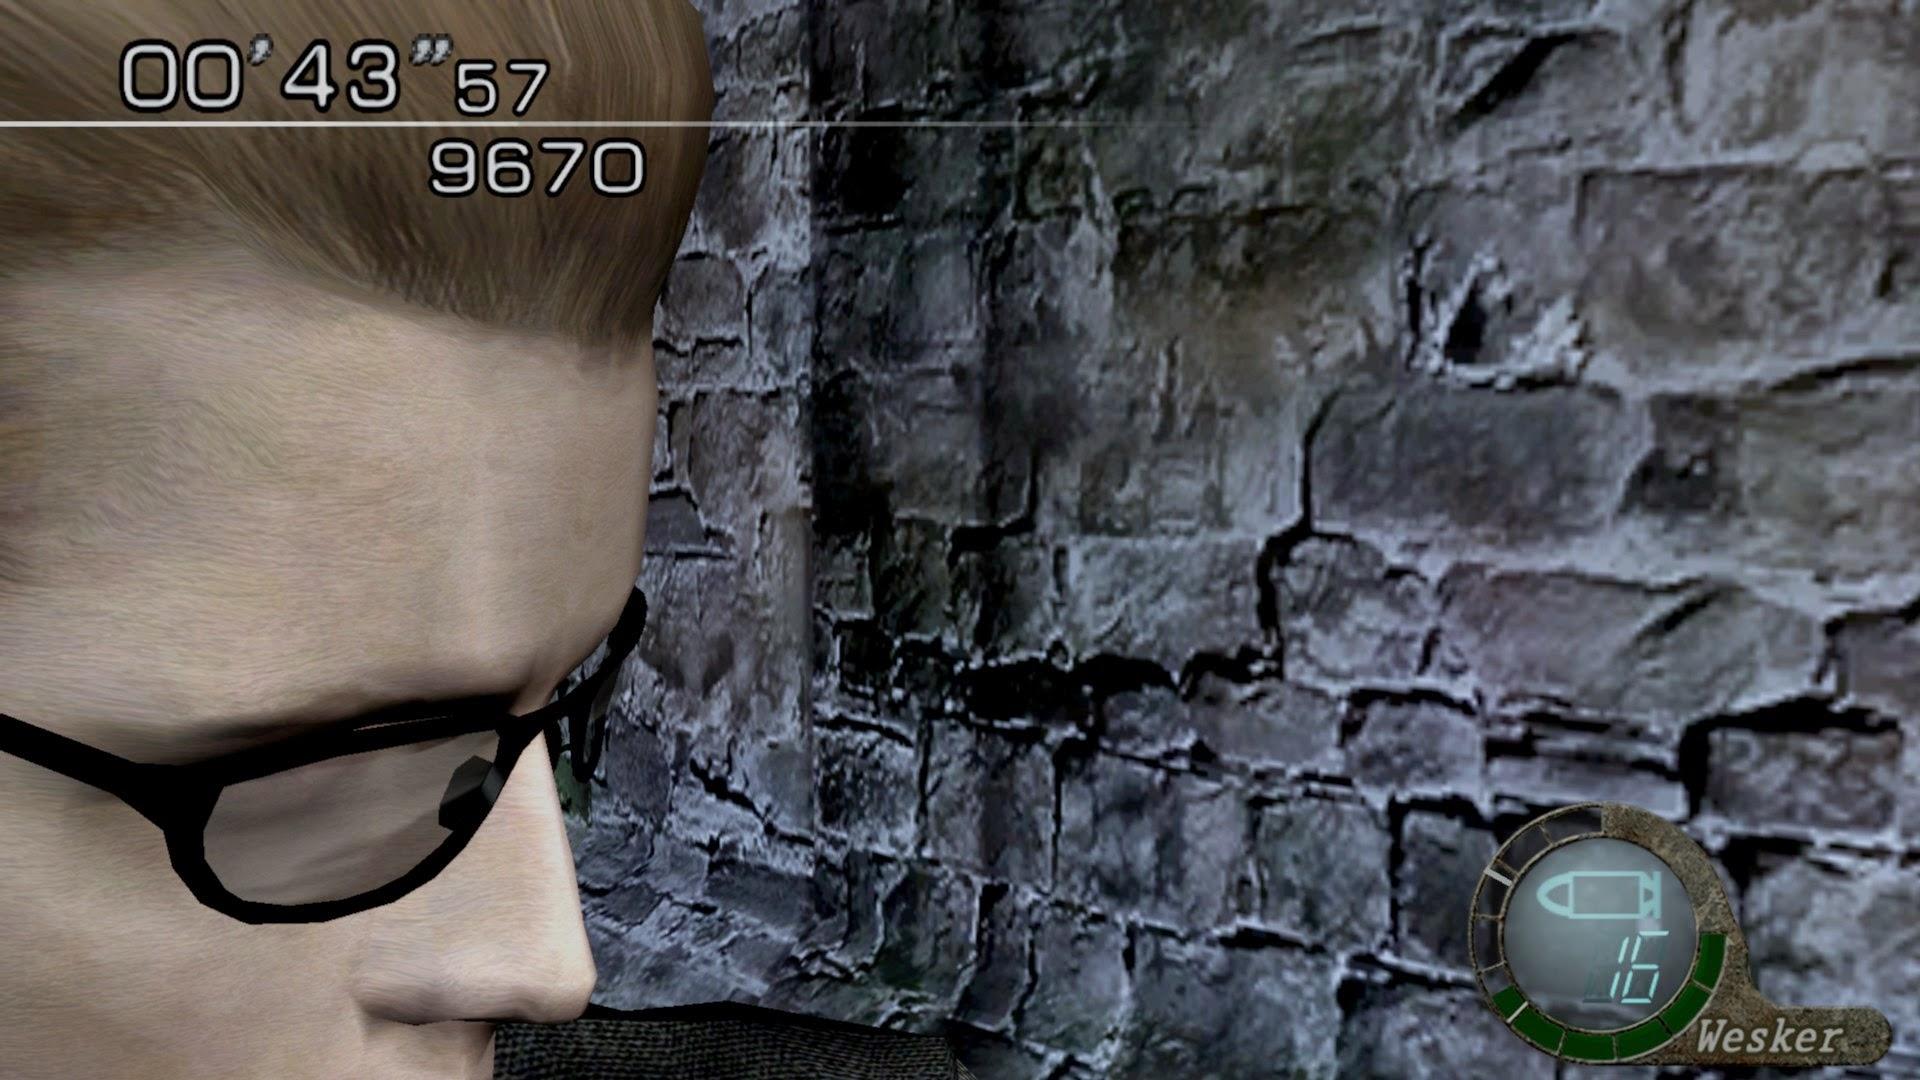 Wesker now in HD 2015-04-03_00043